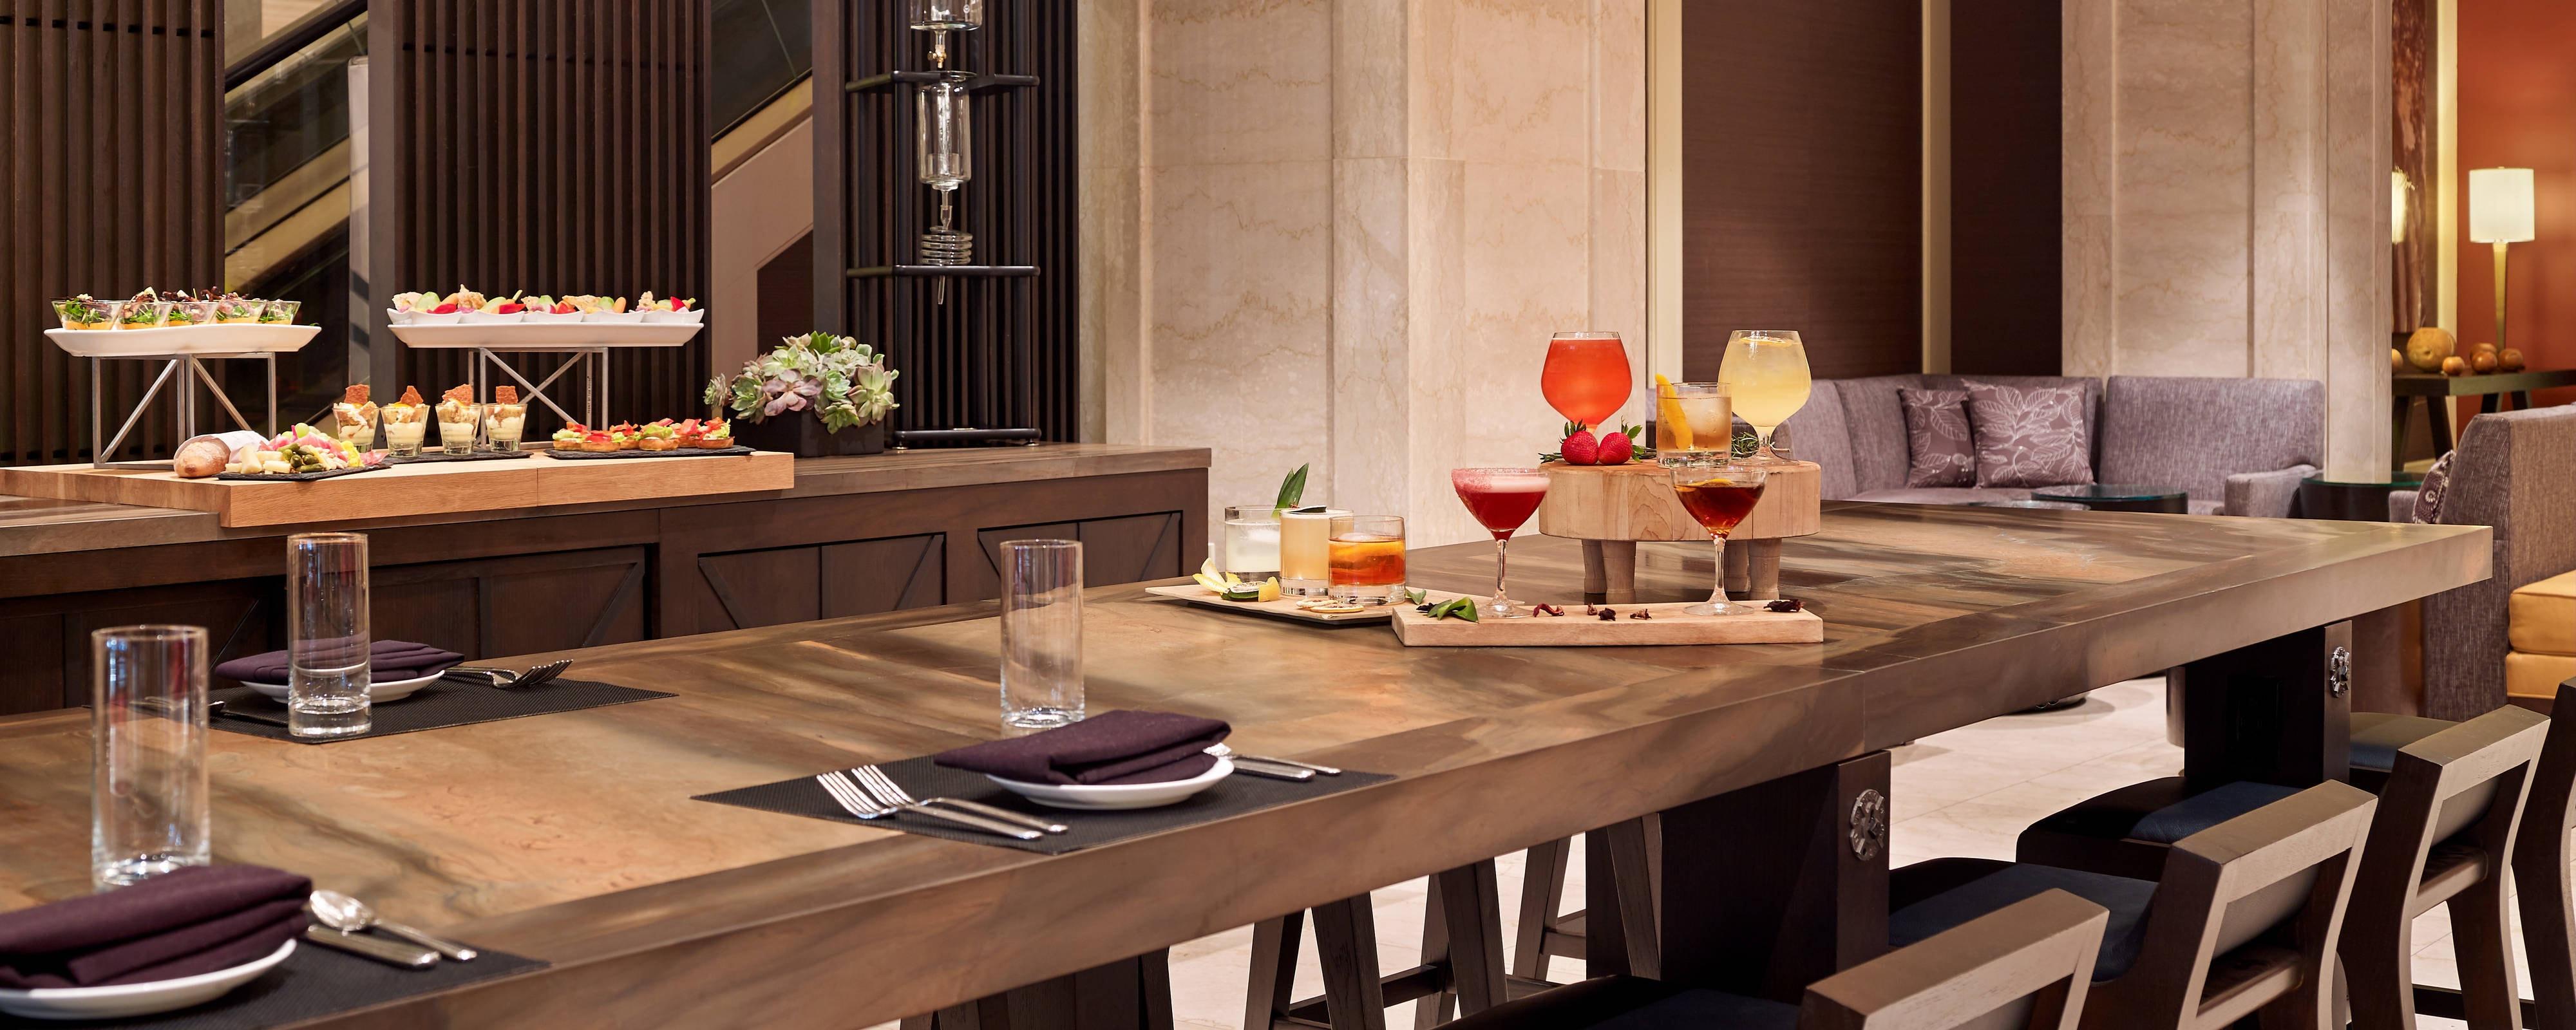 Luxury Hotel In Downtown Chicago Illinois Jw Marriott Chicago